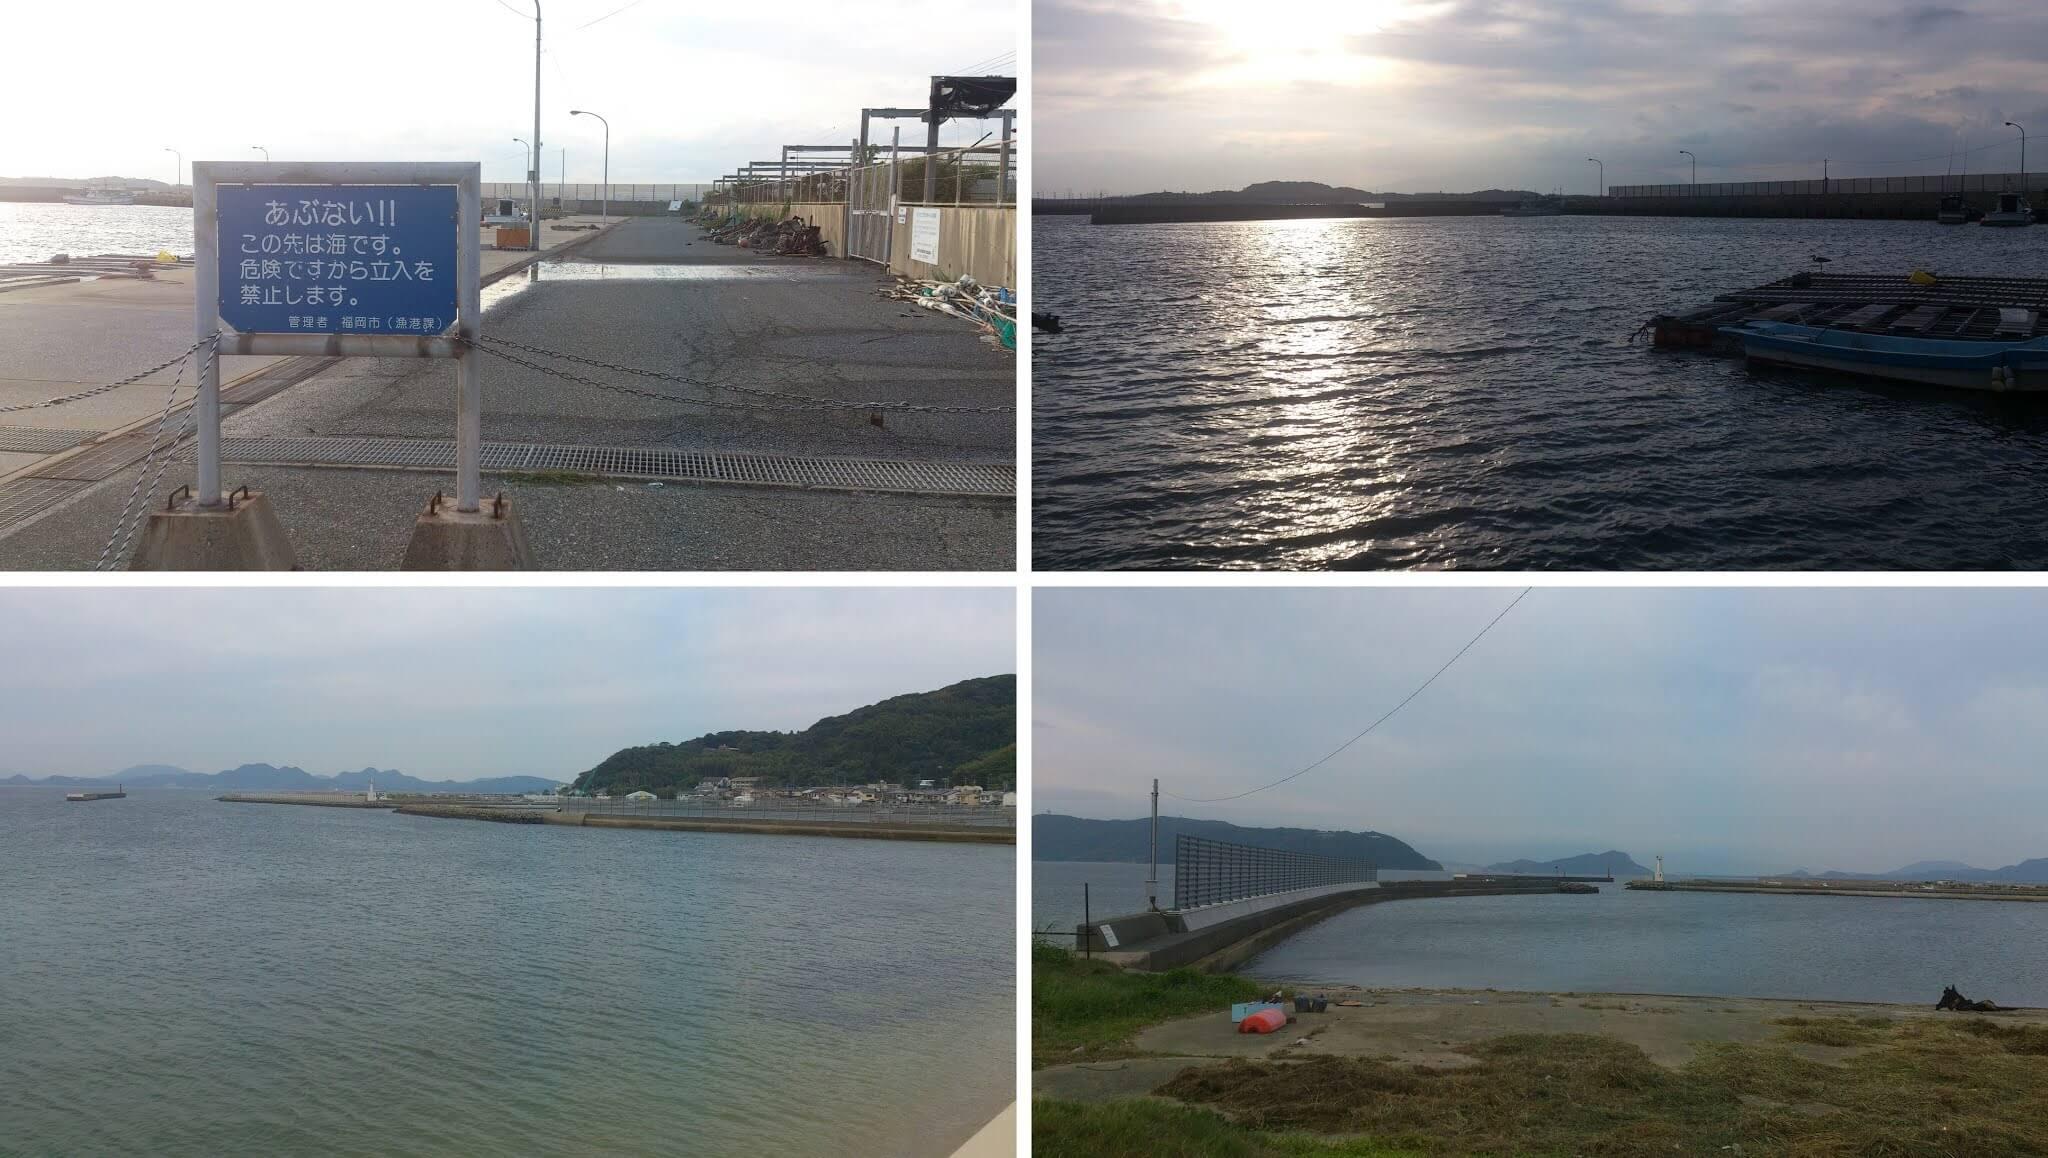 志賀島漁港